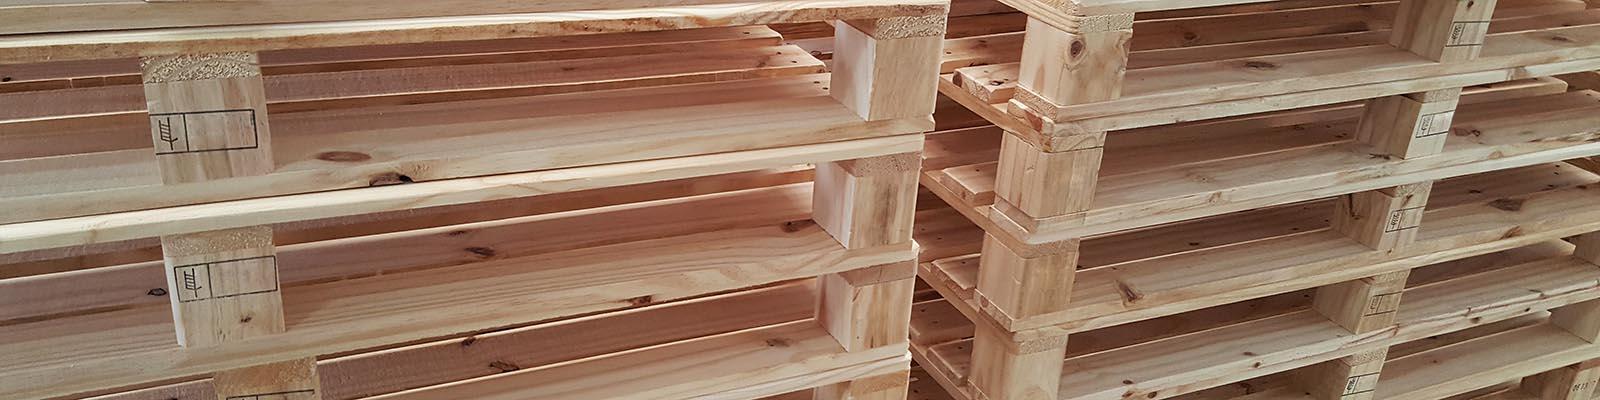 #1 Wooden Pallet Manufacturer Sydney-wide   Craig Timber